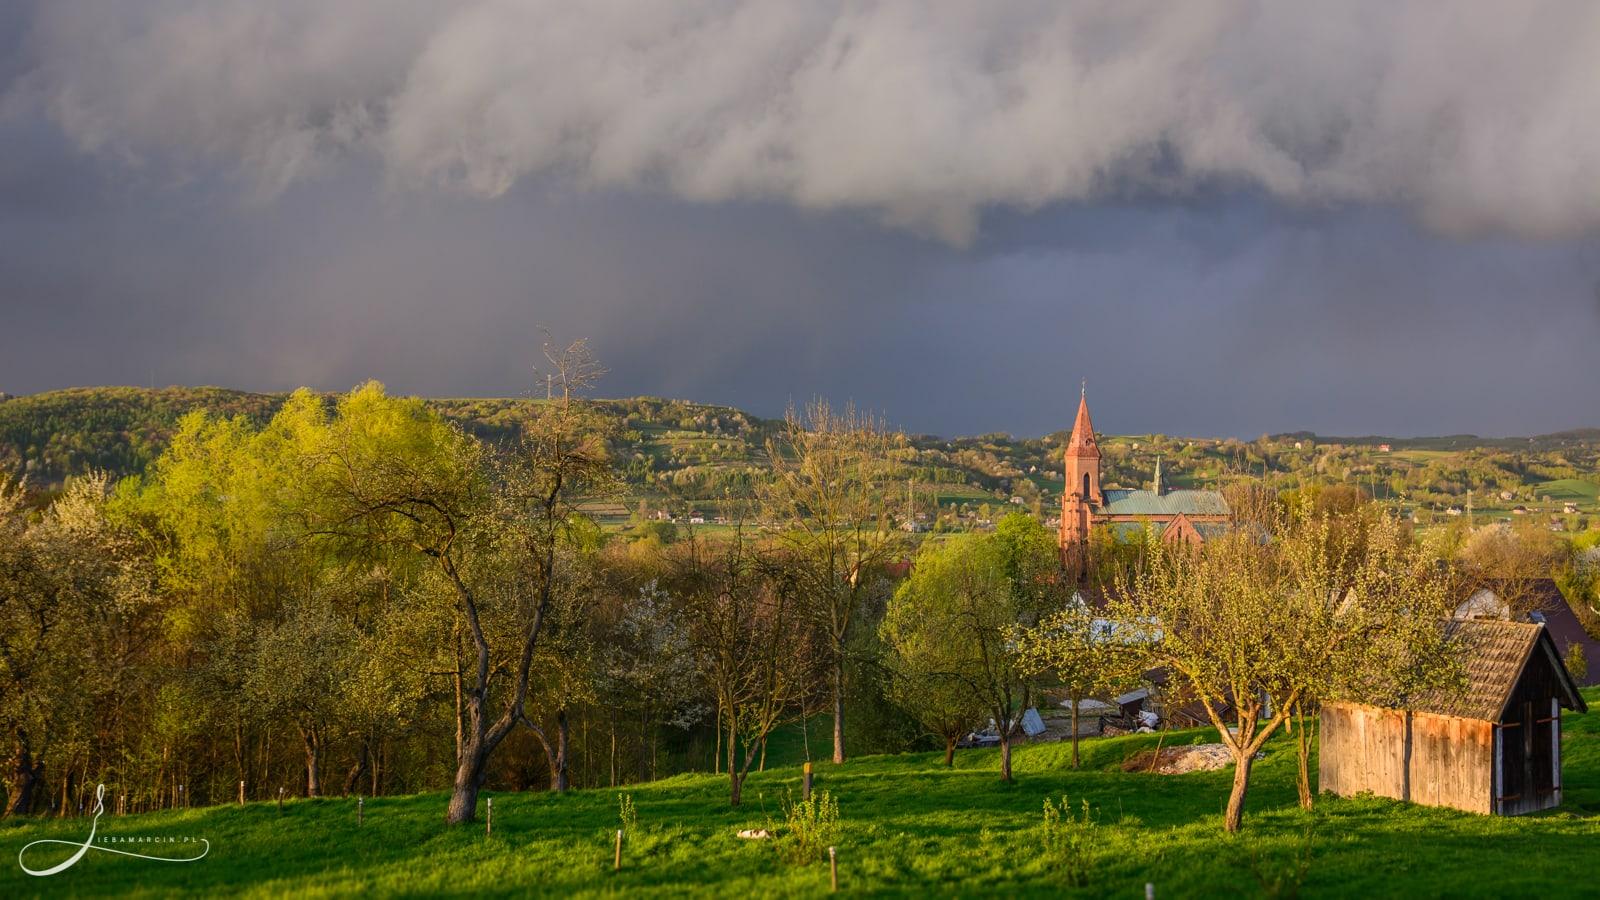 Przeczyca - Najświętszej Maryi Panny Wniebowziętej w Przeczycy - kwietniowy krajobraz /przed burzą/